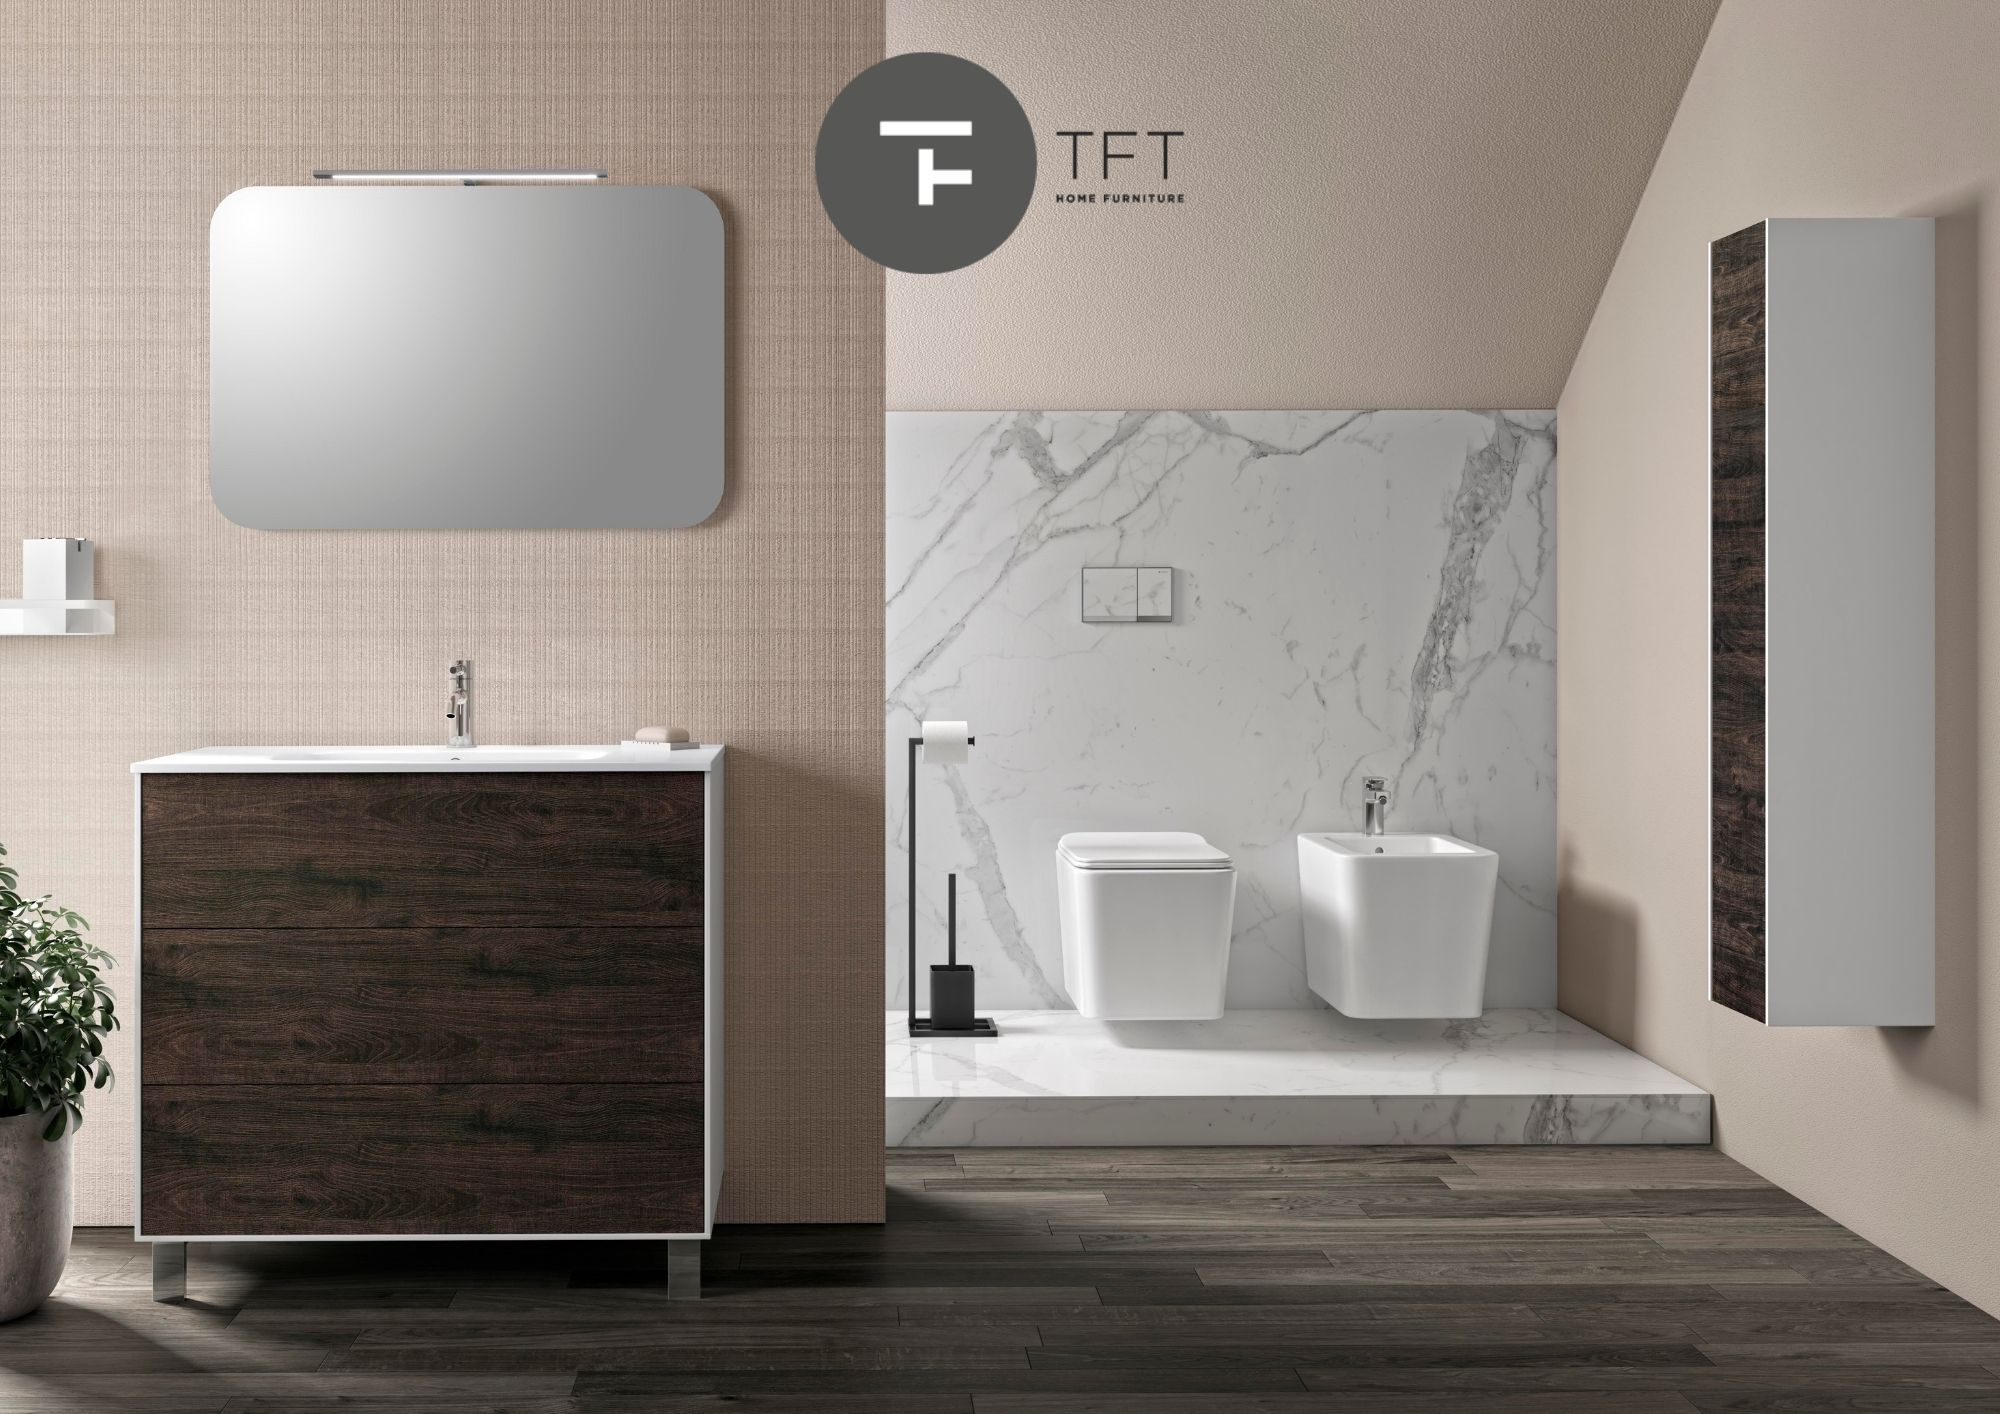 La qualità dell'arredo bagno Made in Italy di TFT Home Furniture